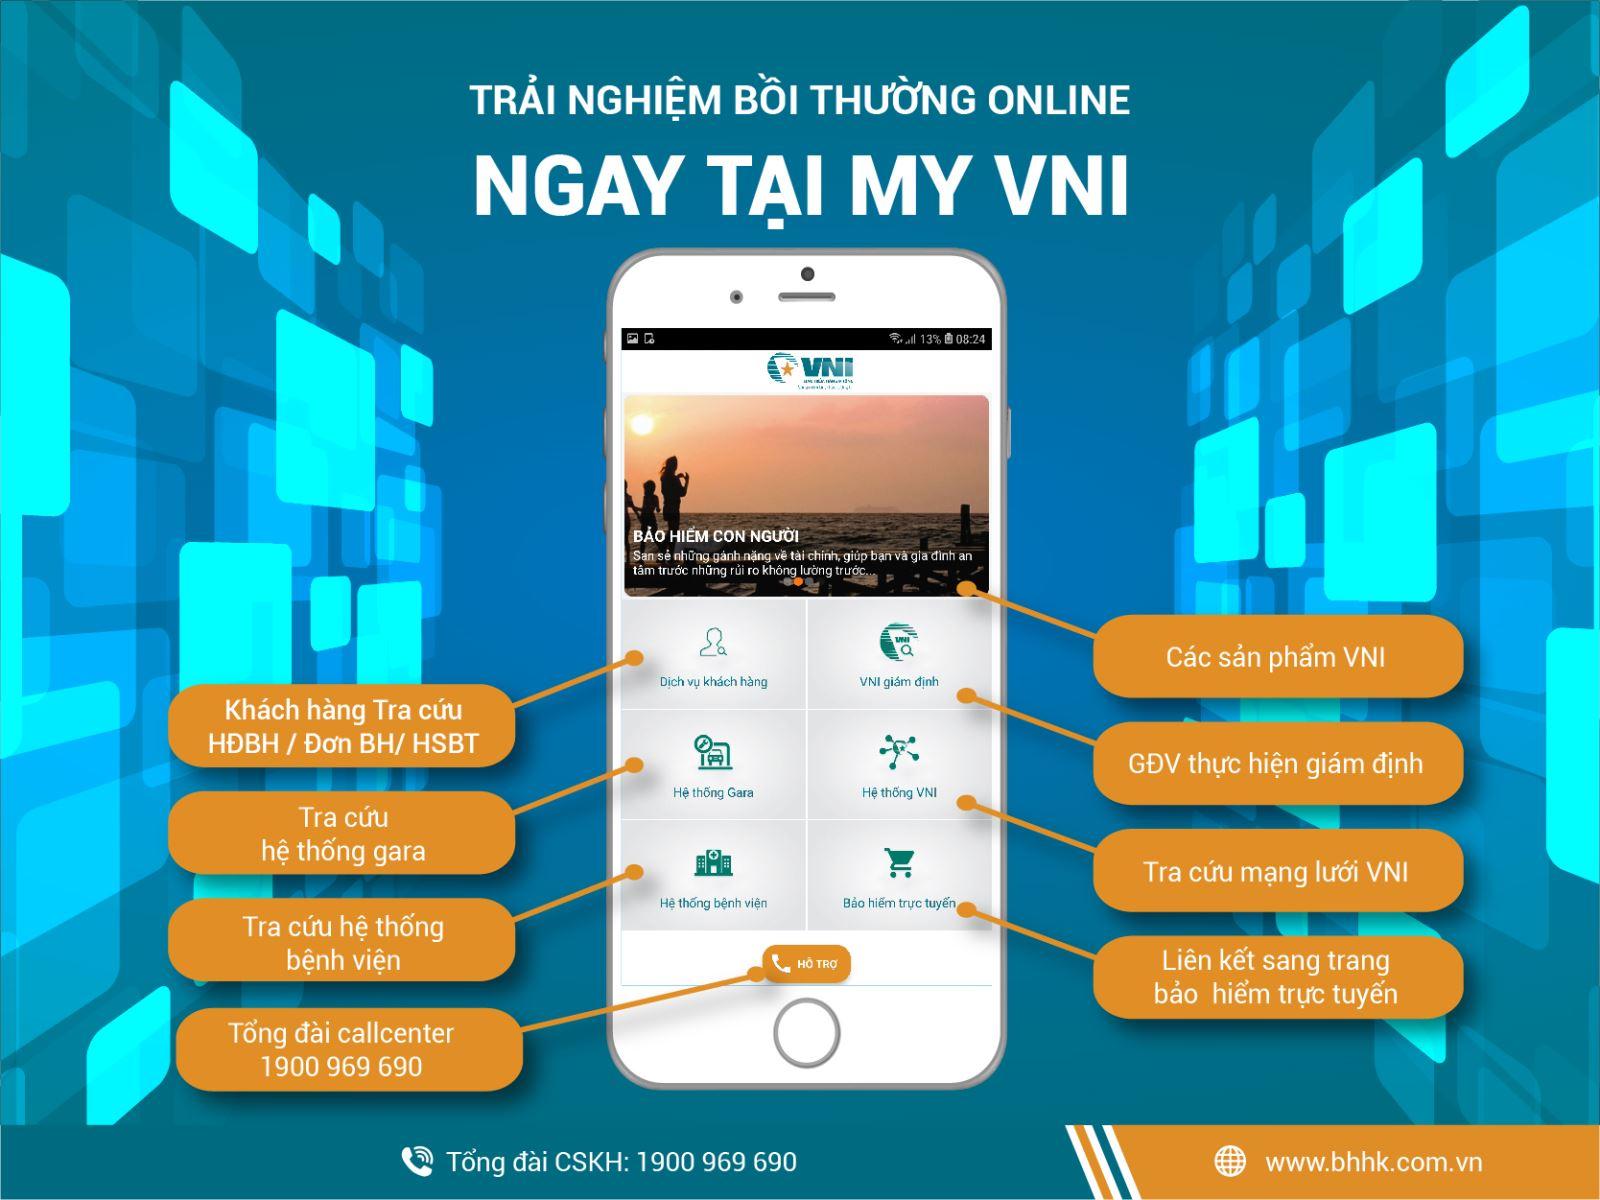 Bảo hiểm Hàng không (VNI) triển khai ứng dụng phần mềm giám định bồi thường vật chất xe trực tuyến